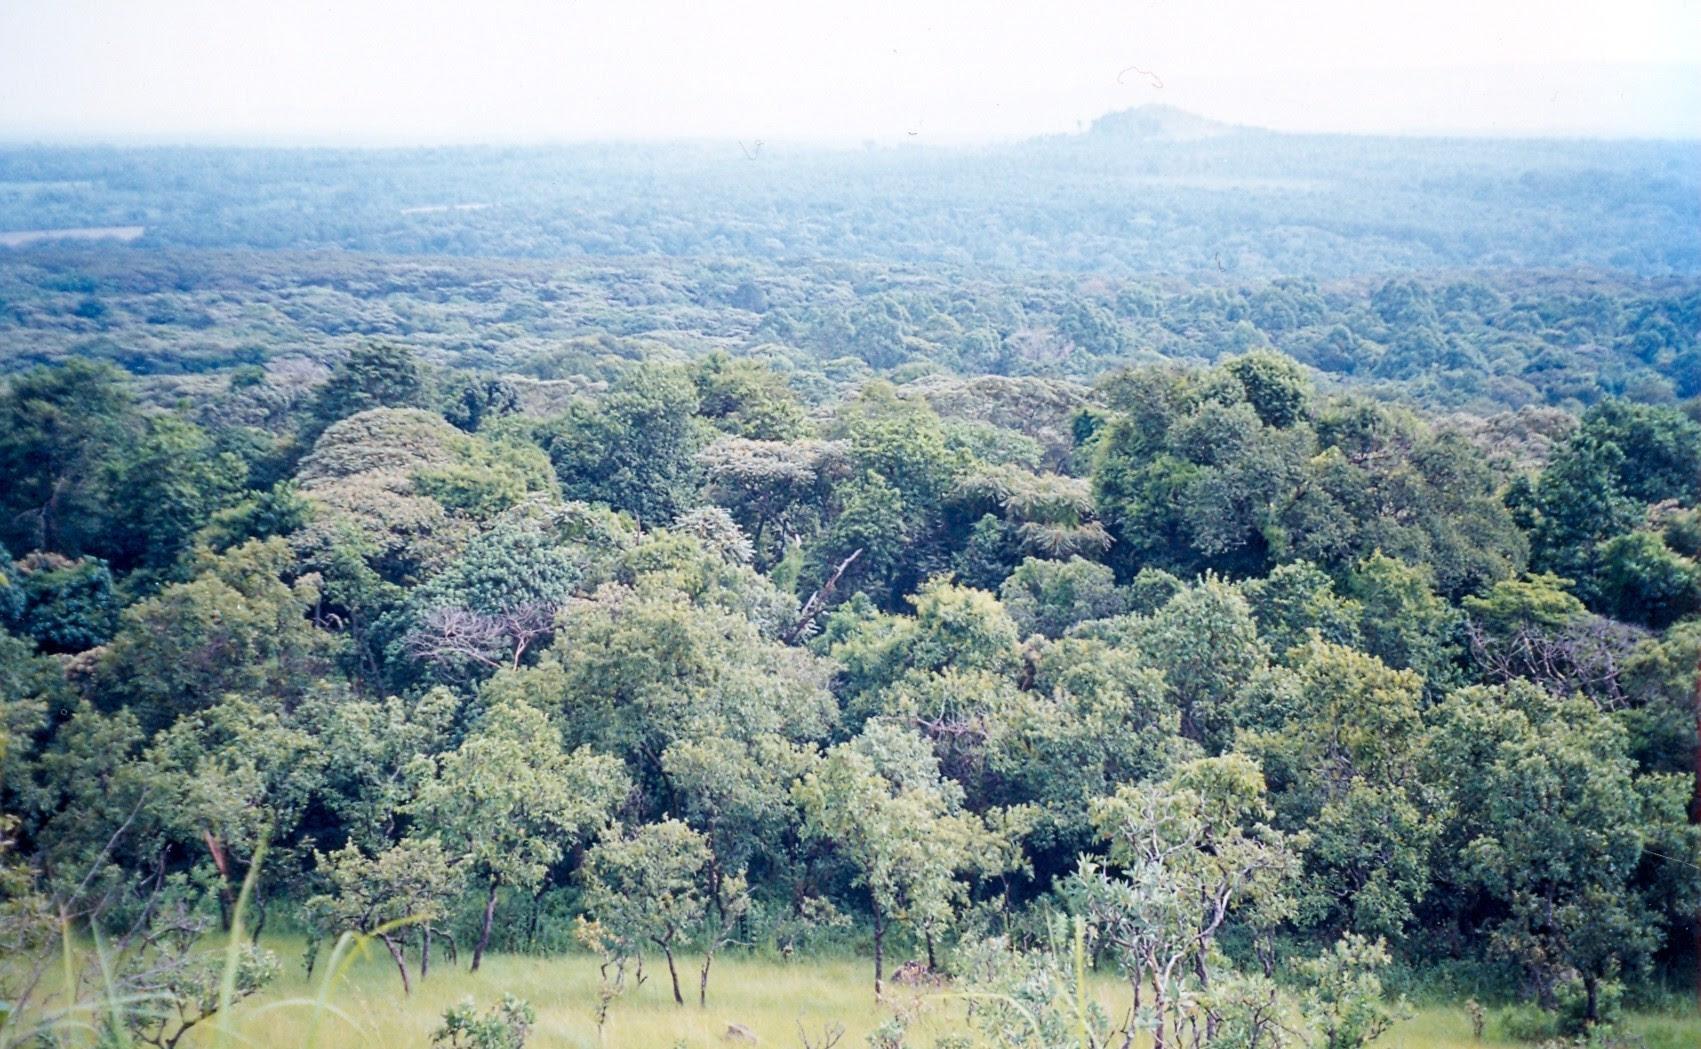 http://upload.wikimedia.org/wikipedia/commons/c/c8/KakamegaForest.jpg